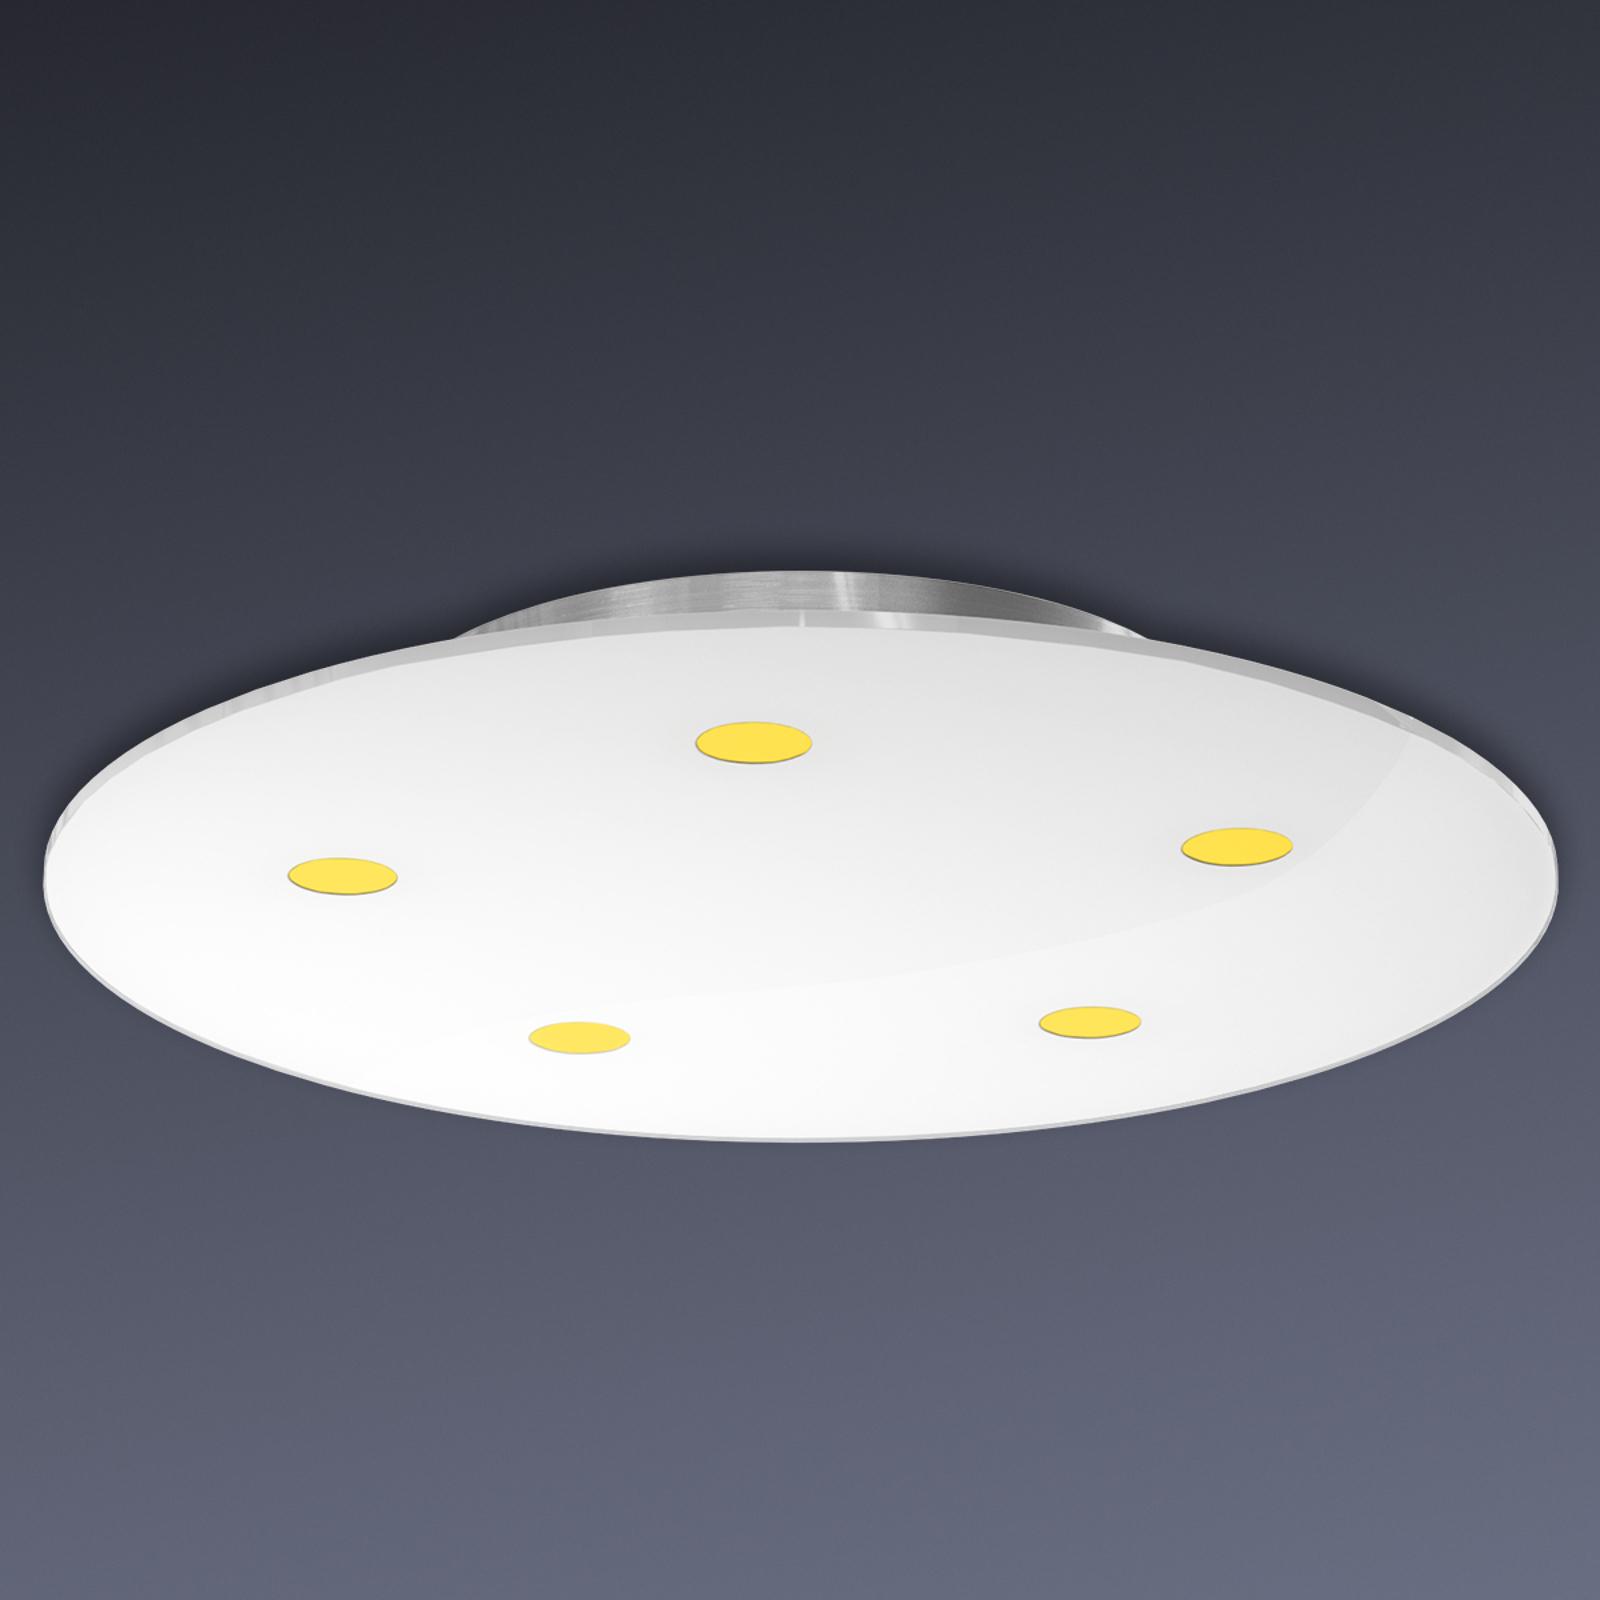 Stmievateľné stropné LED svietidlo Sunia_3025242_1